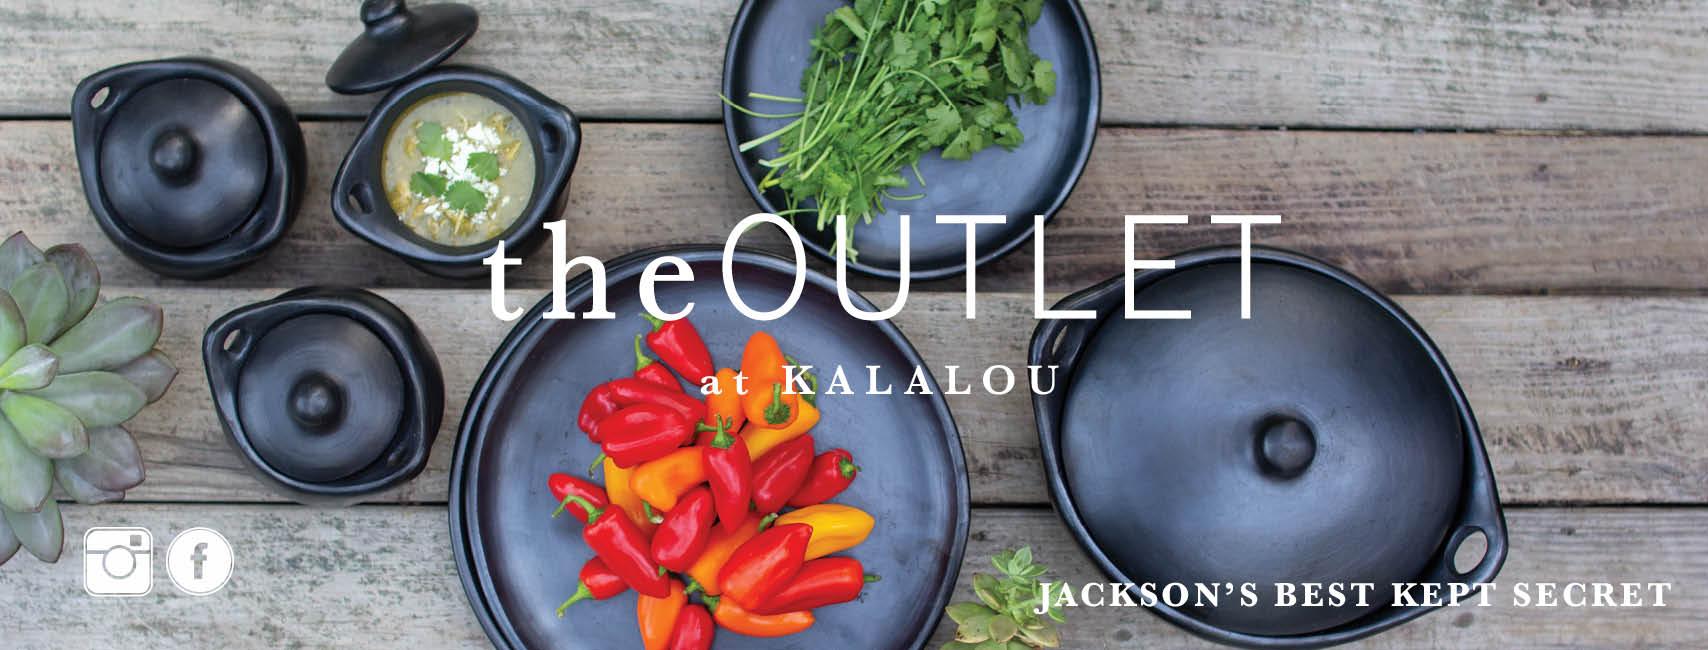 theOutlet at Kalalou